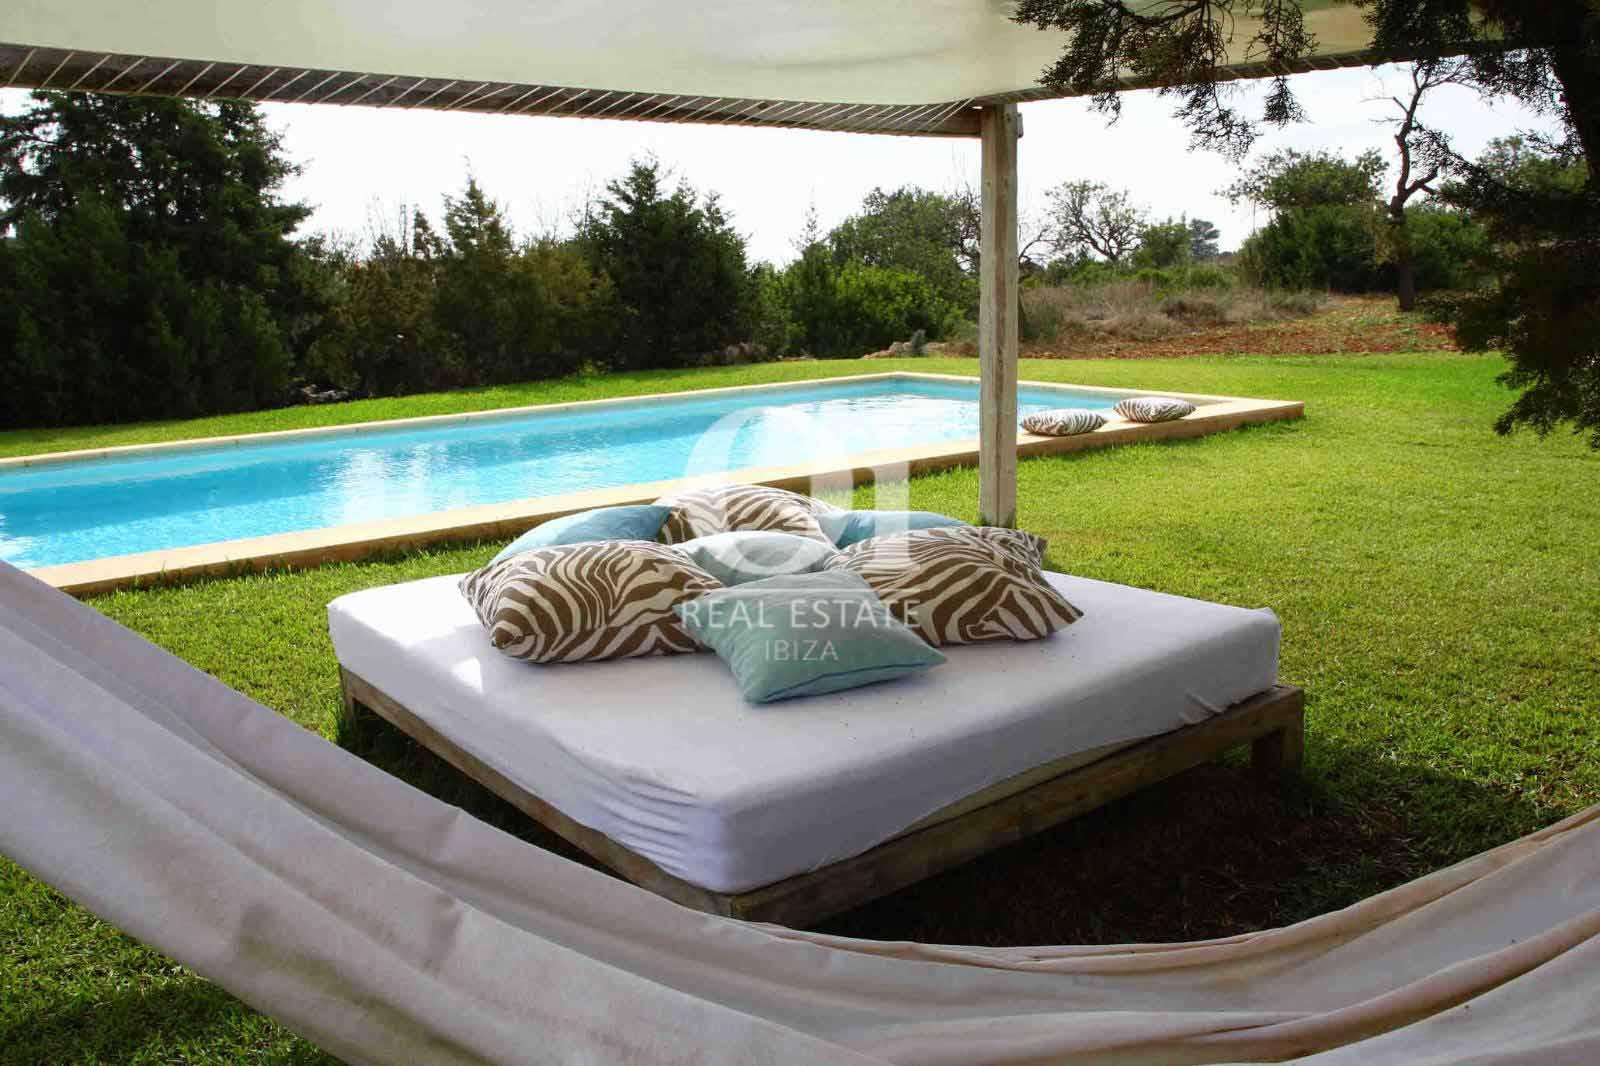 Zona chill out y jardín de casa en alquiler de estancia en zona Es Cubells, Ibiza